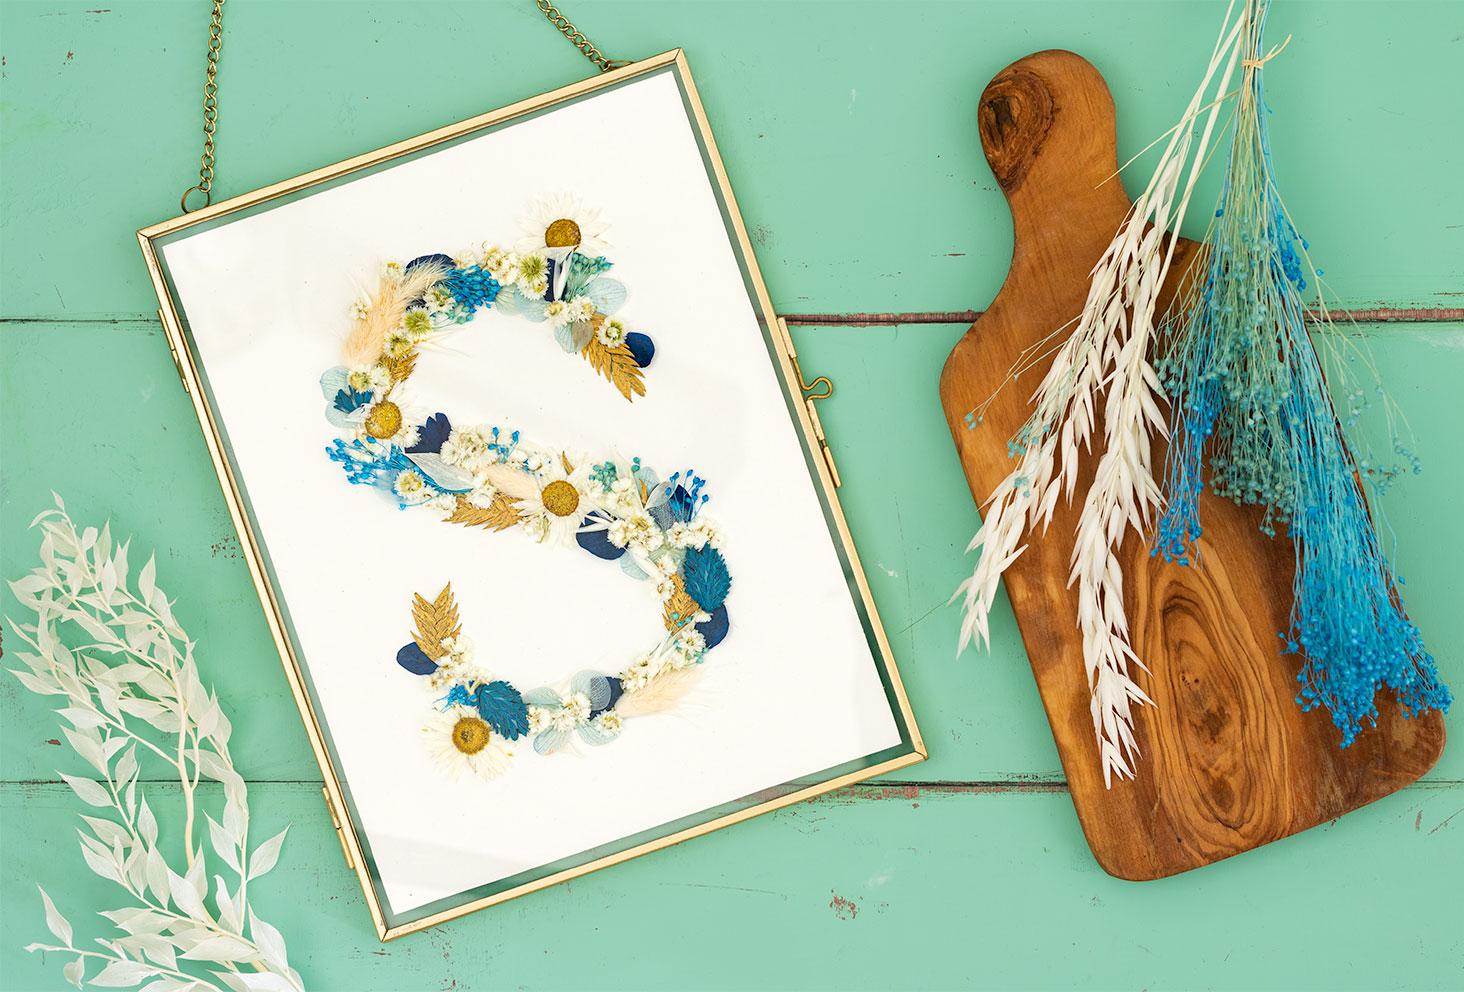 Résultat du DIY facile du cadre de fleurs séchées avec la lettre S, posé sur une table en bois au milieu de fleurs sèches